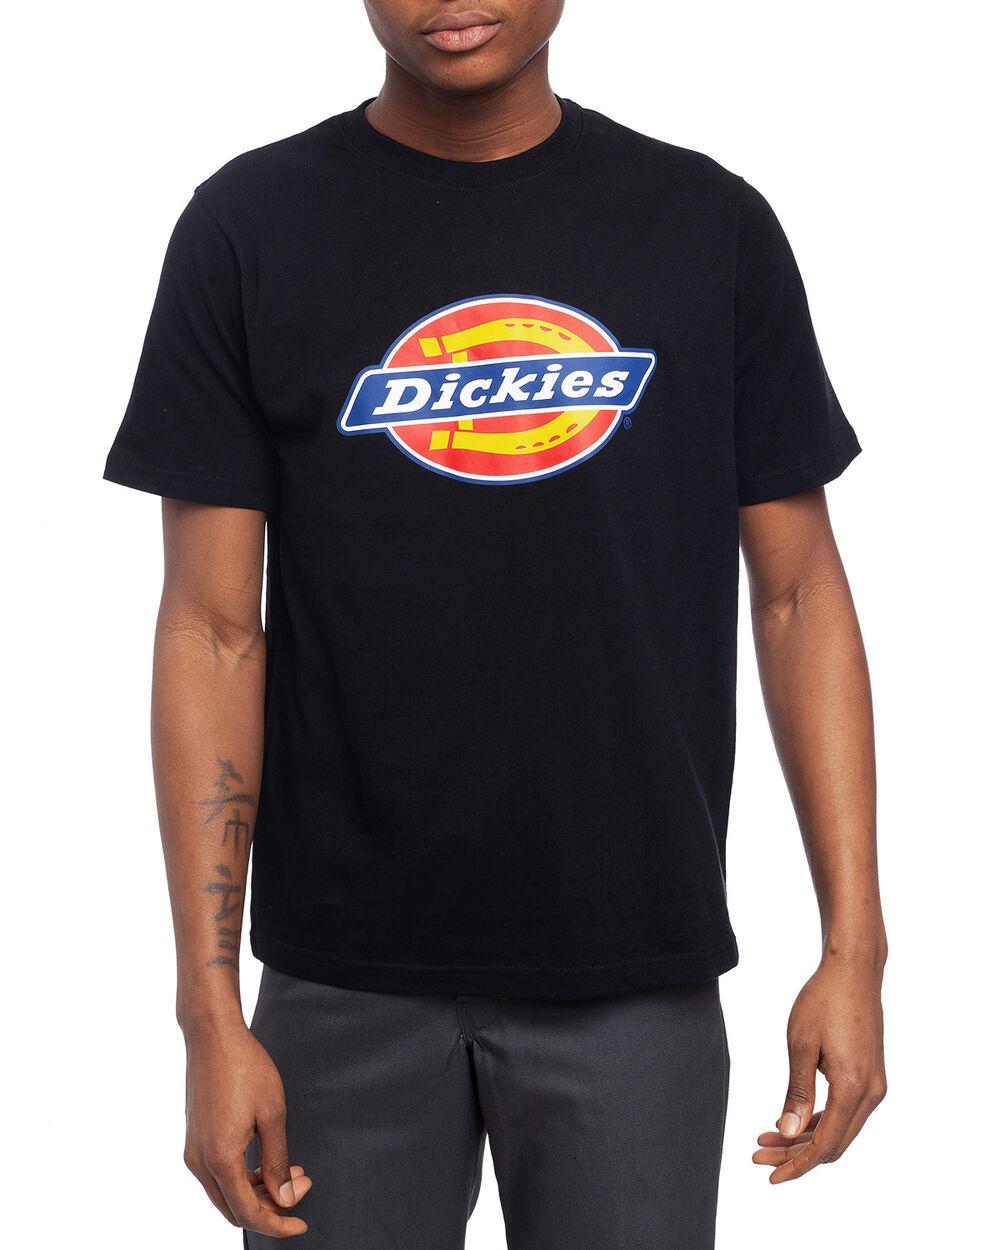 Dickies Horseshoe T skjorte Størrelsesguide